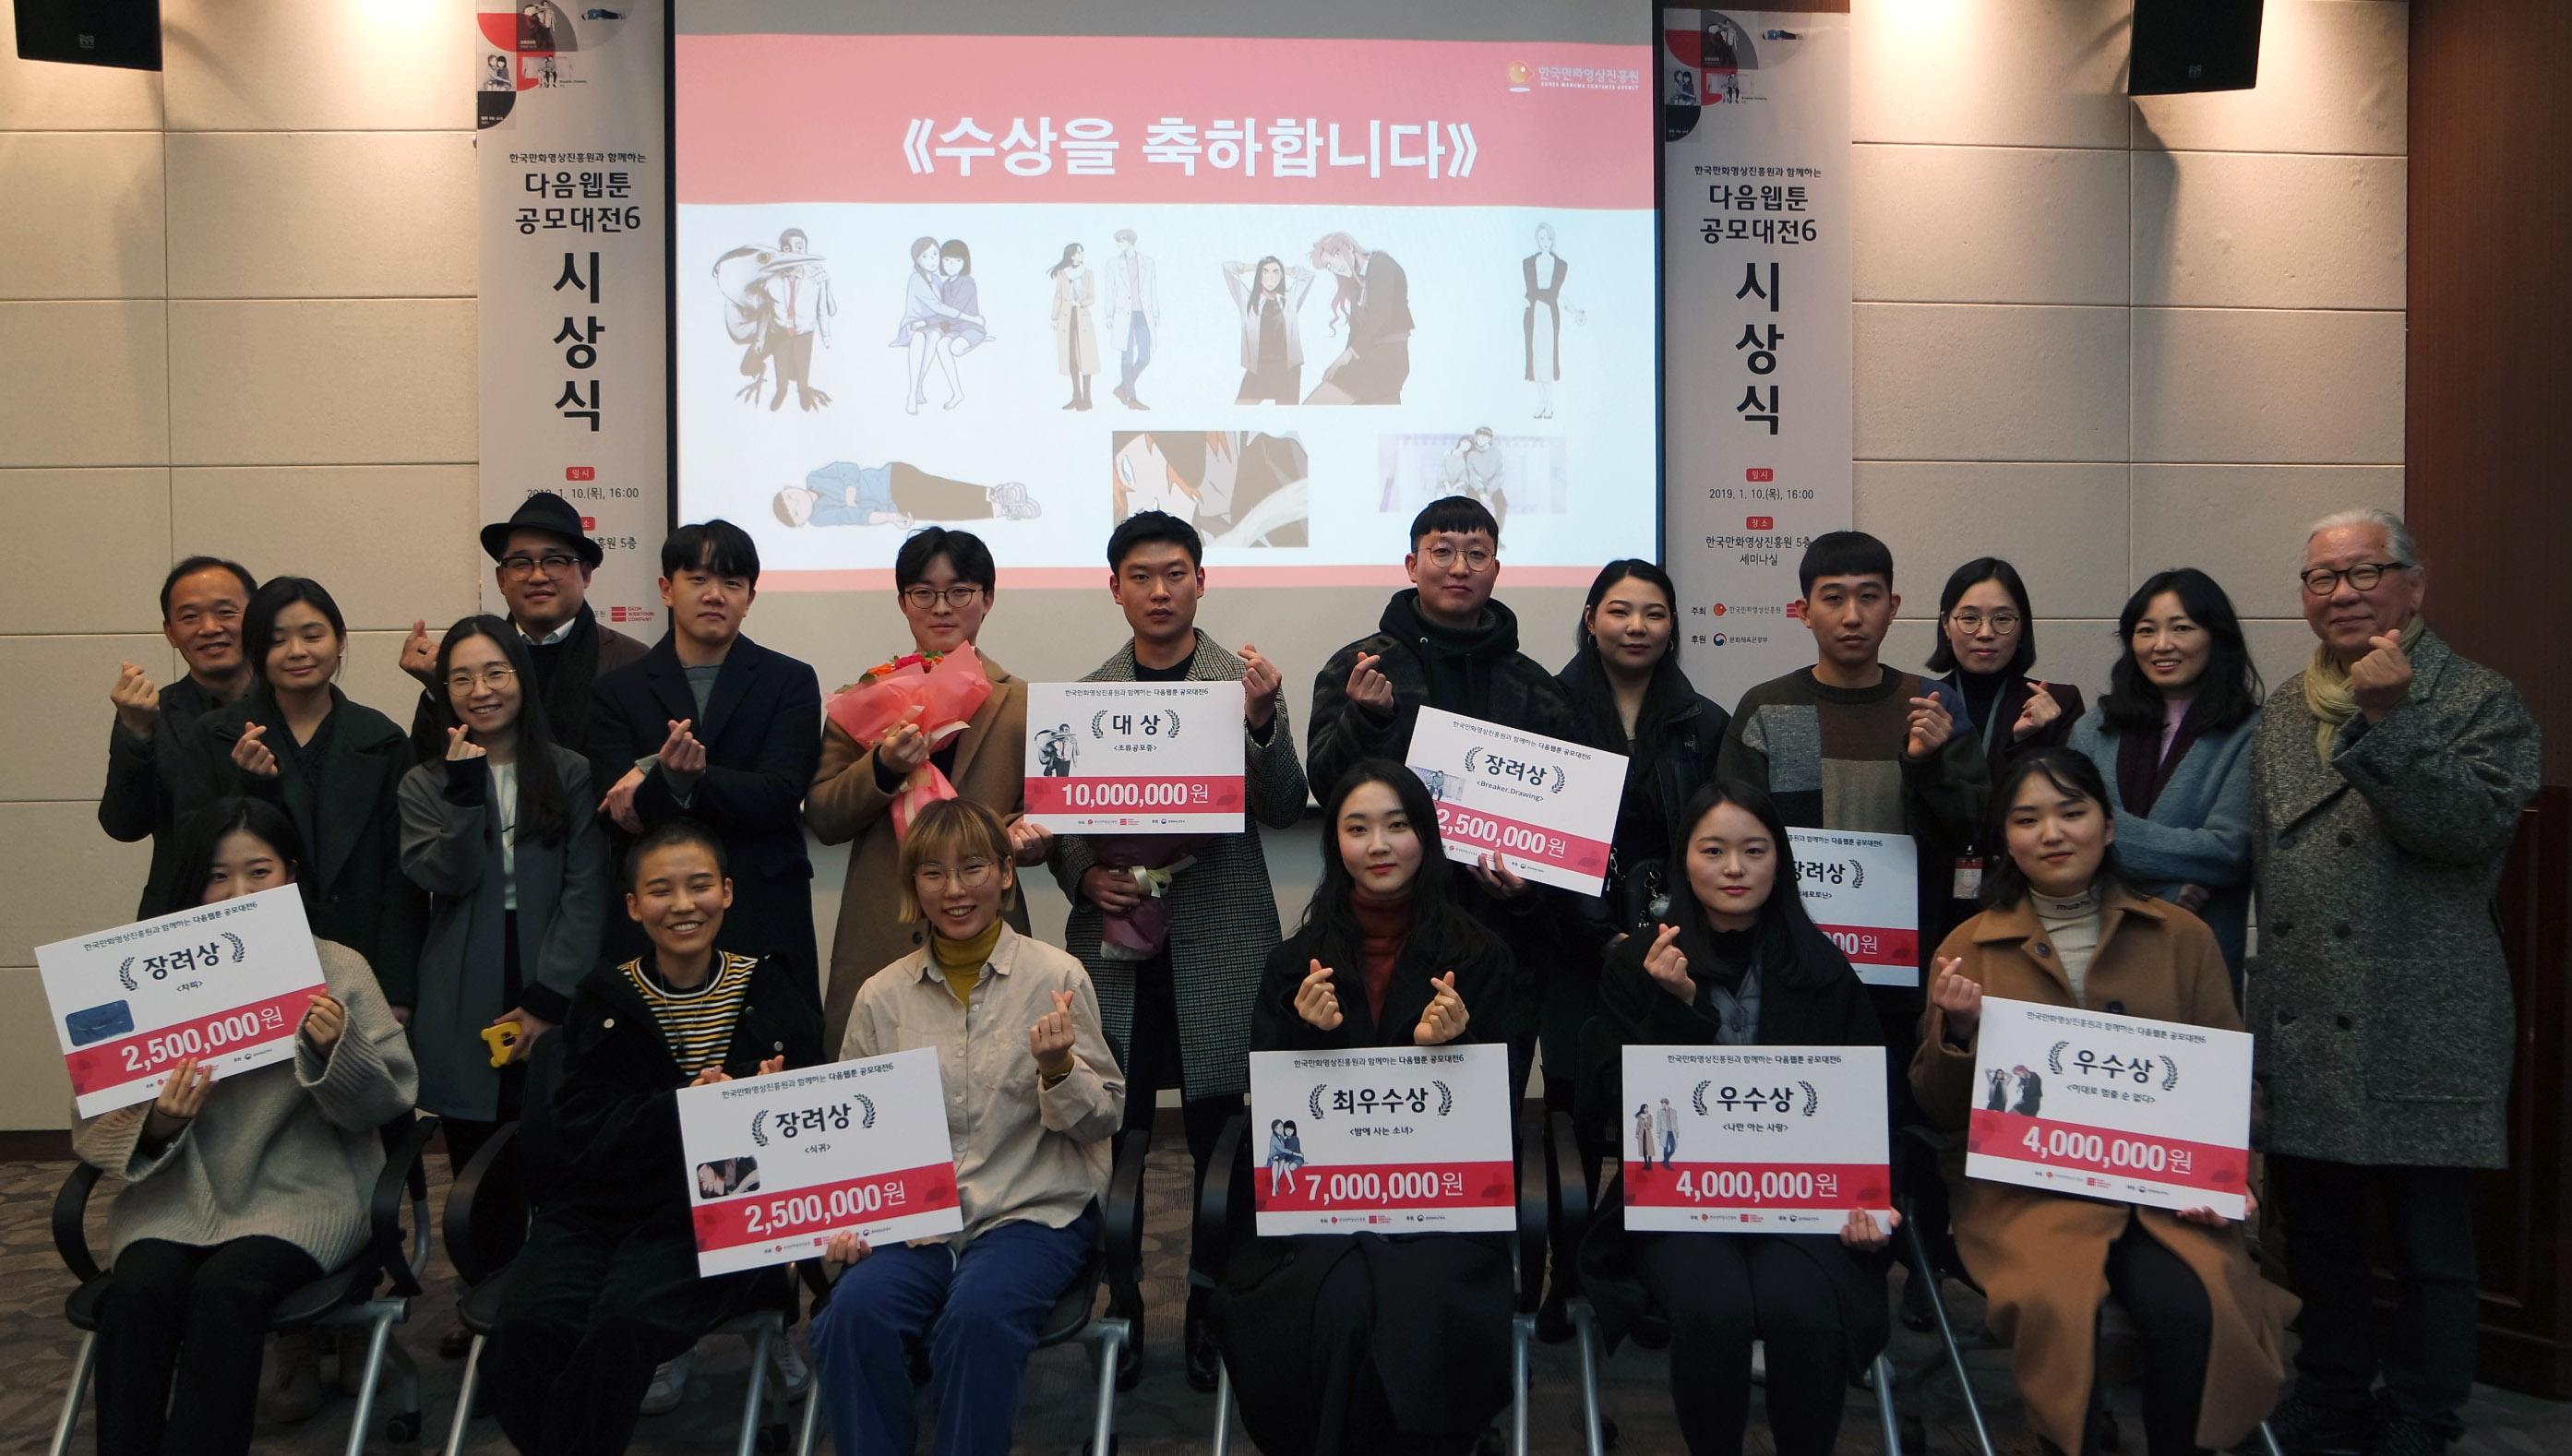 한국만화영상진흥원과 함께하는 다음웹툰공모대전6 시상식